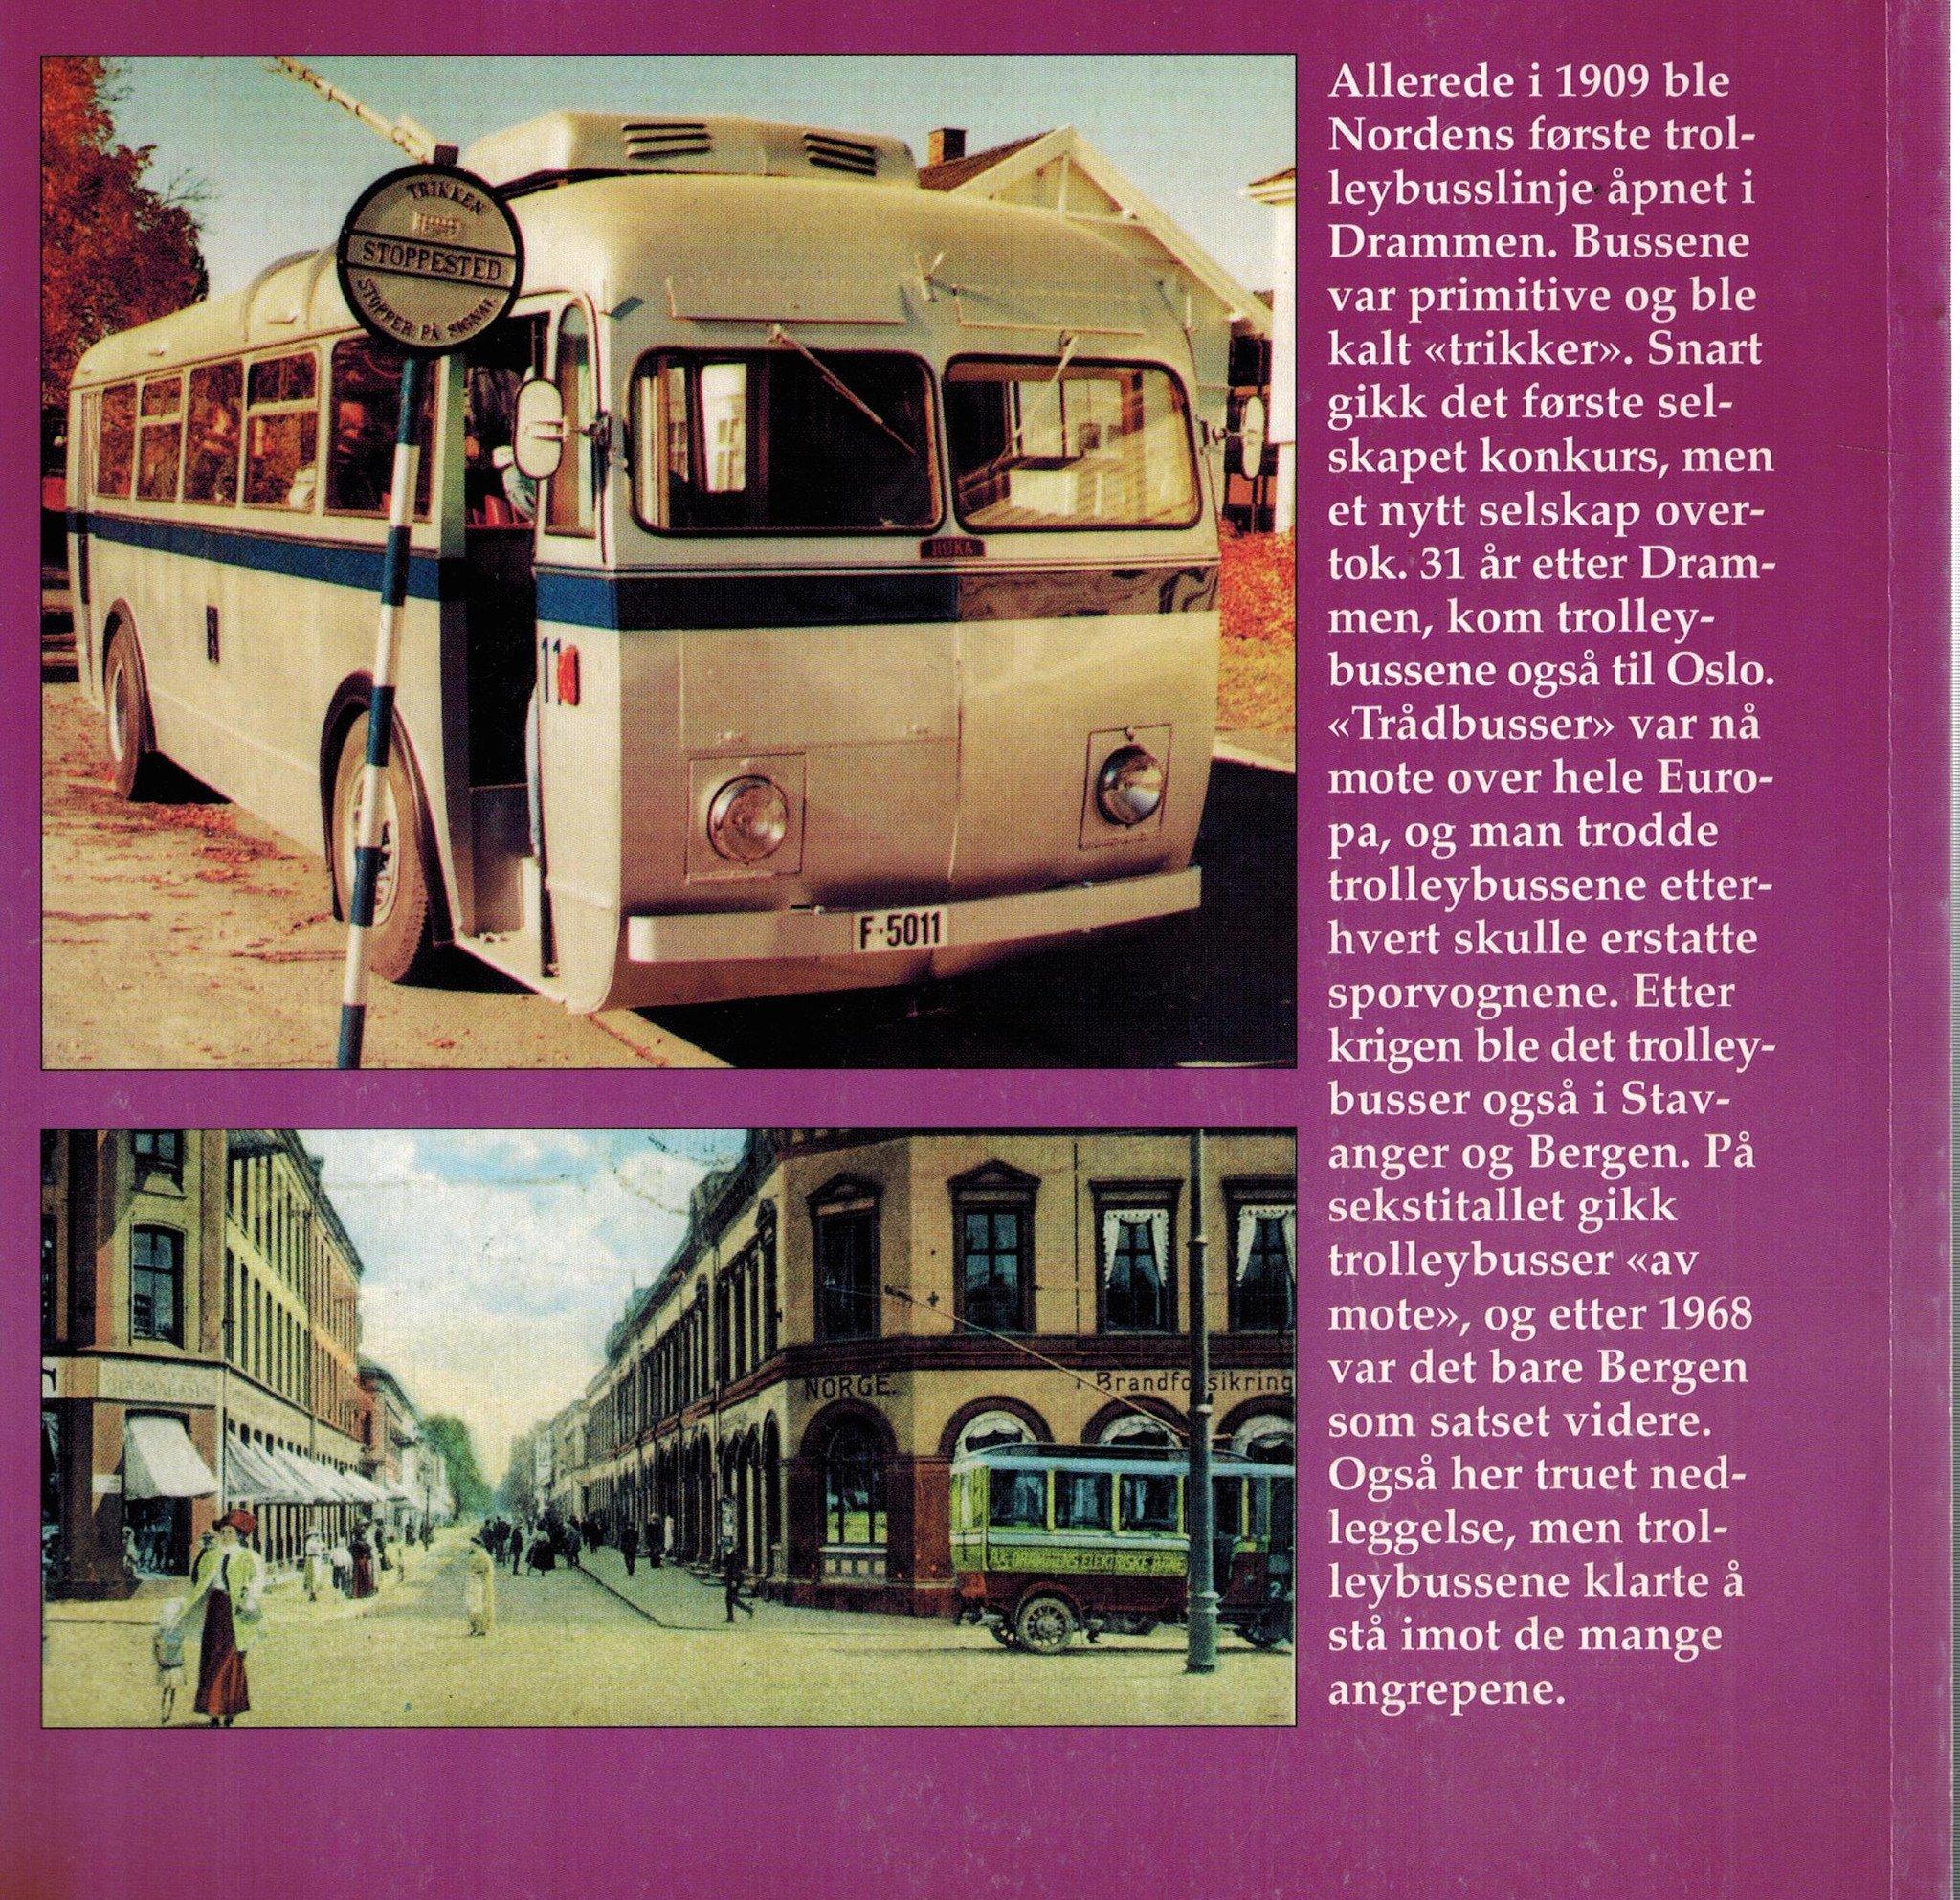 Trolleybussene i Norge